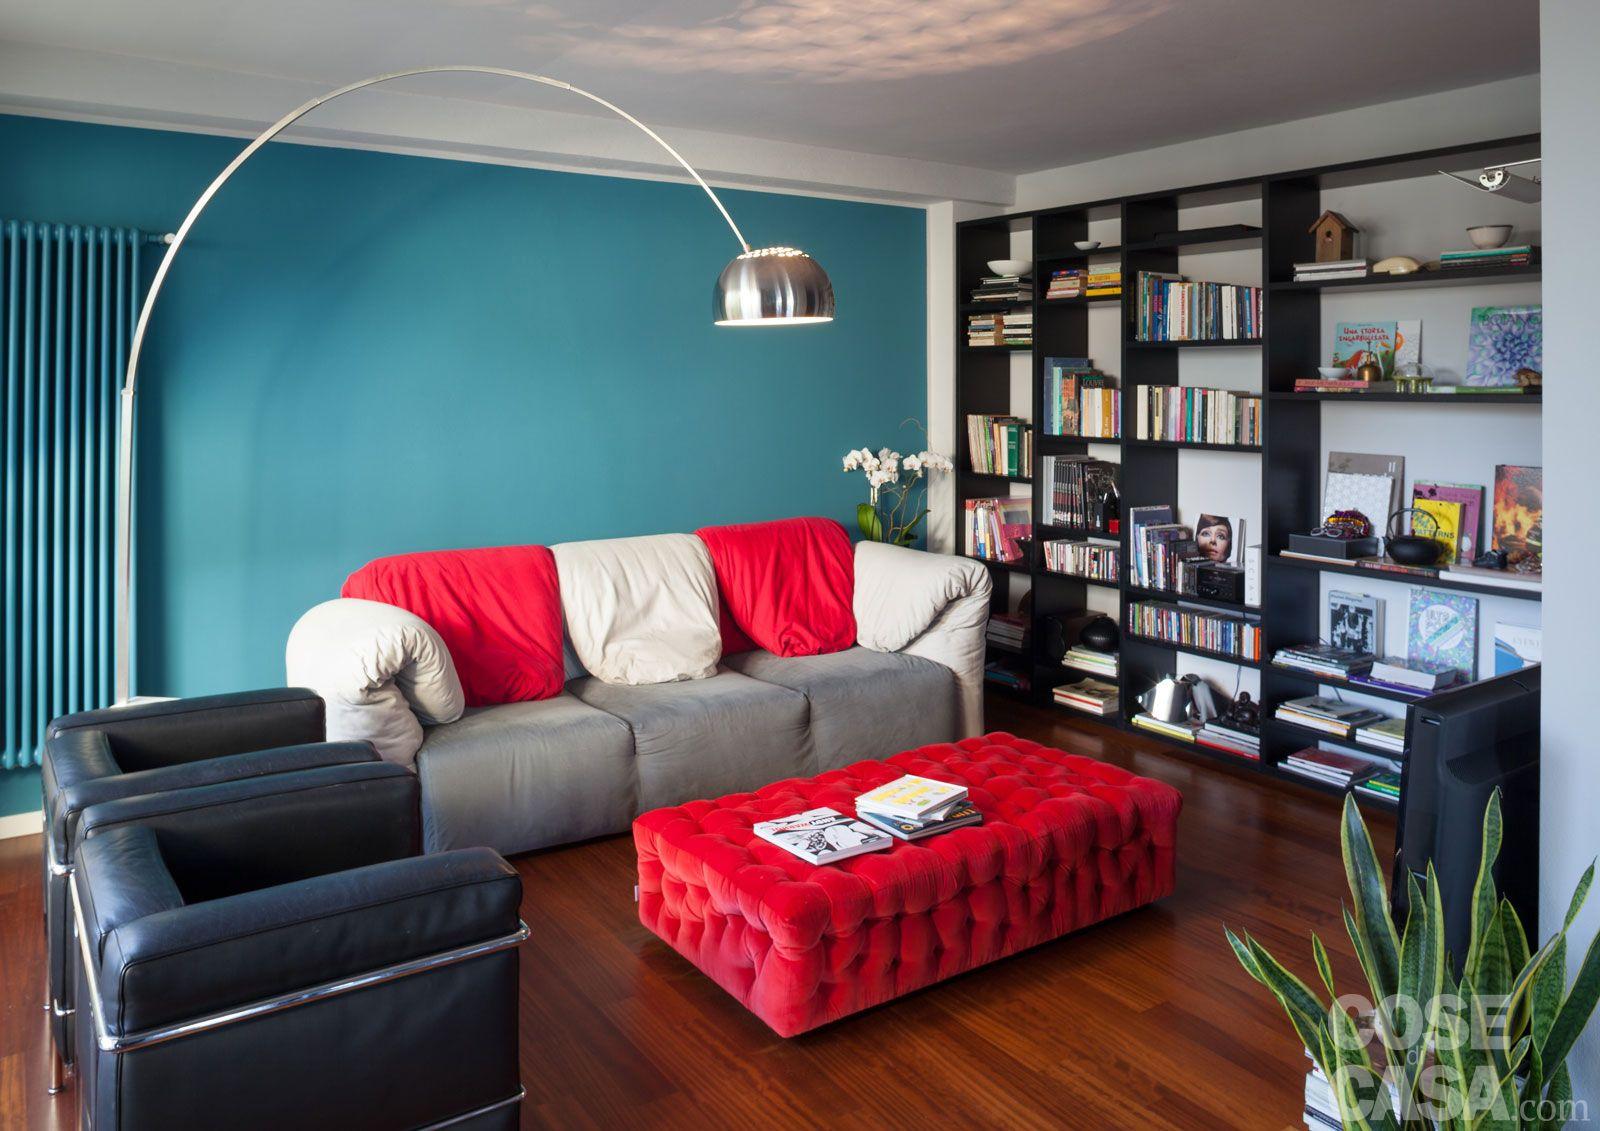 soggiorno blu e rosso - Cerca con Google | Idee per la casa ...